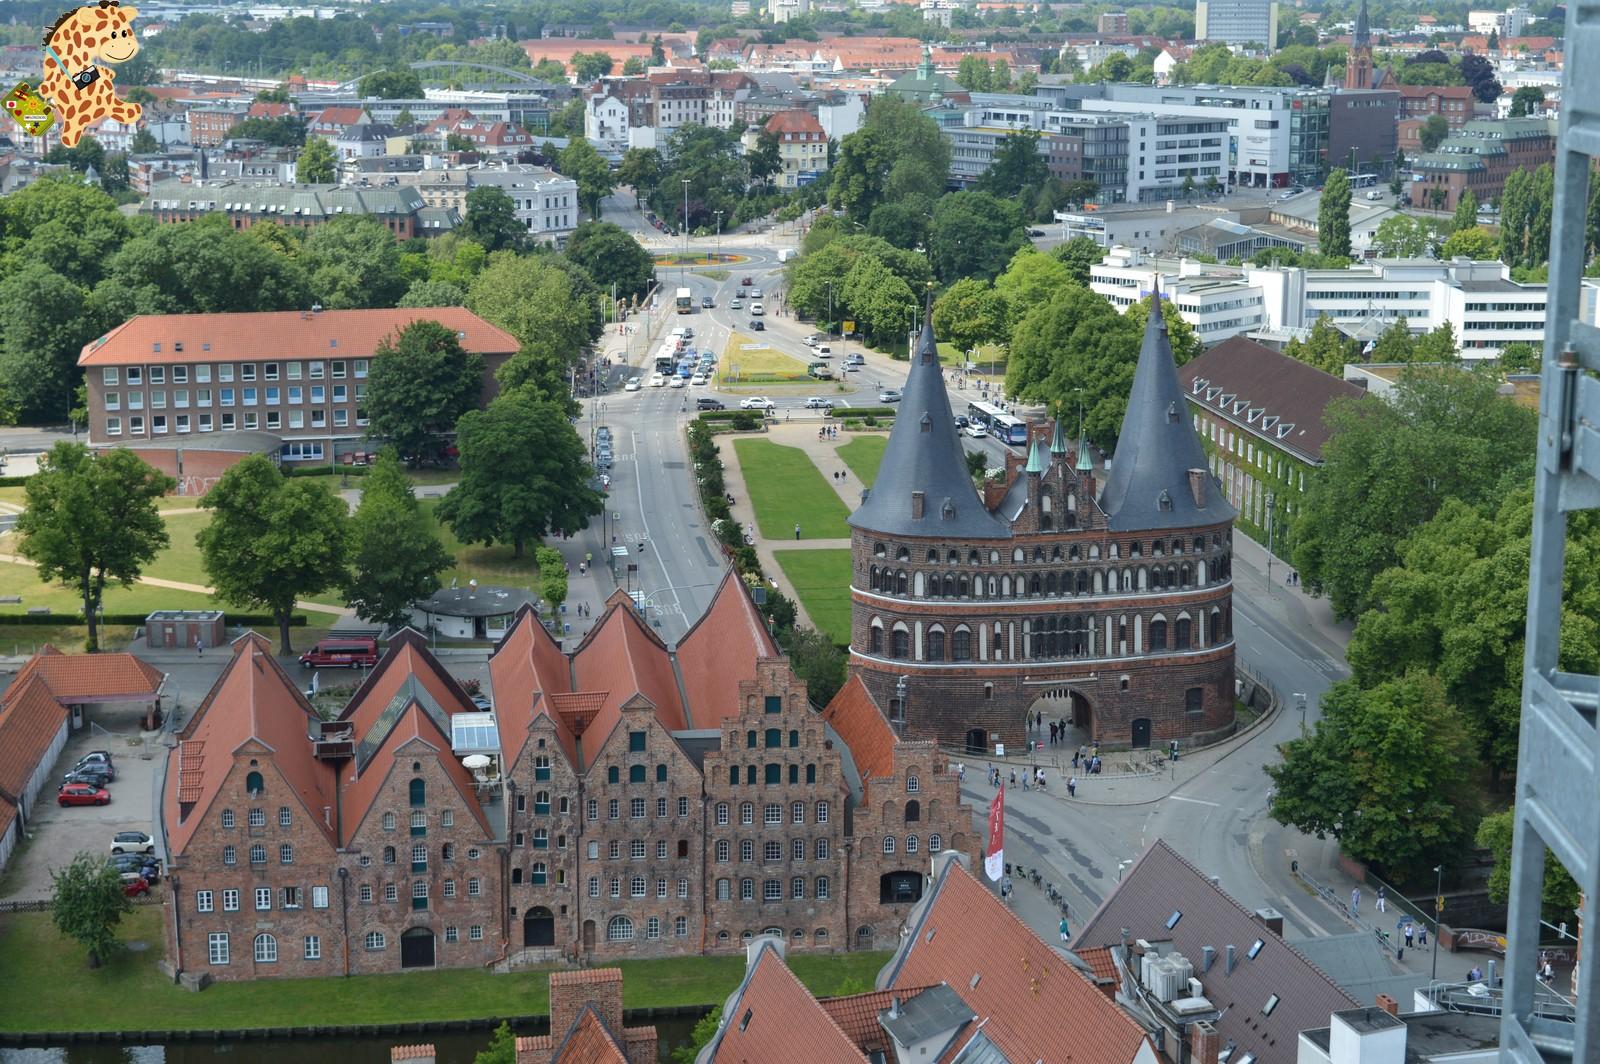 Alemania en 12 días: Qué ver en Lübeck?